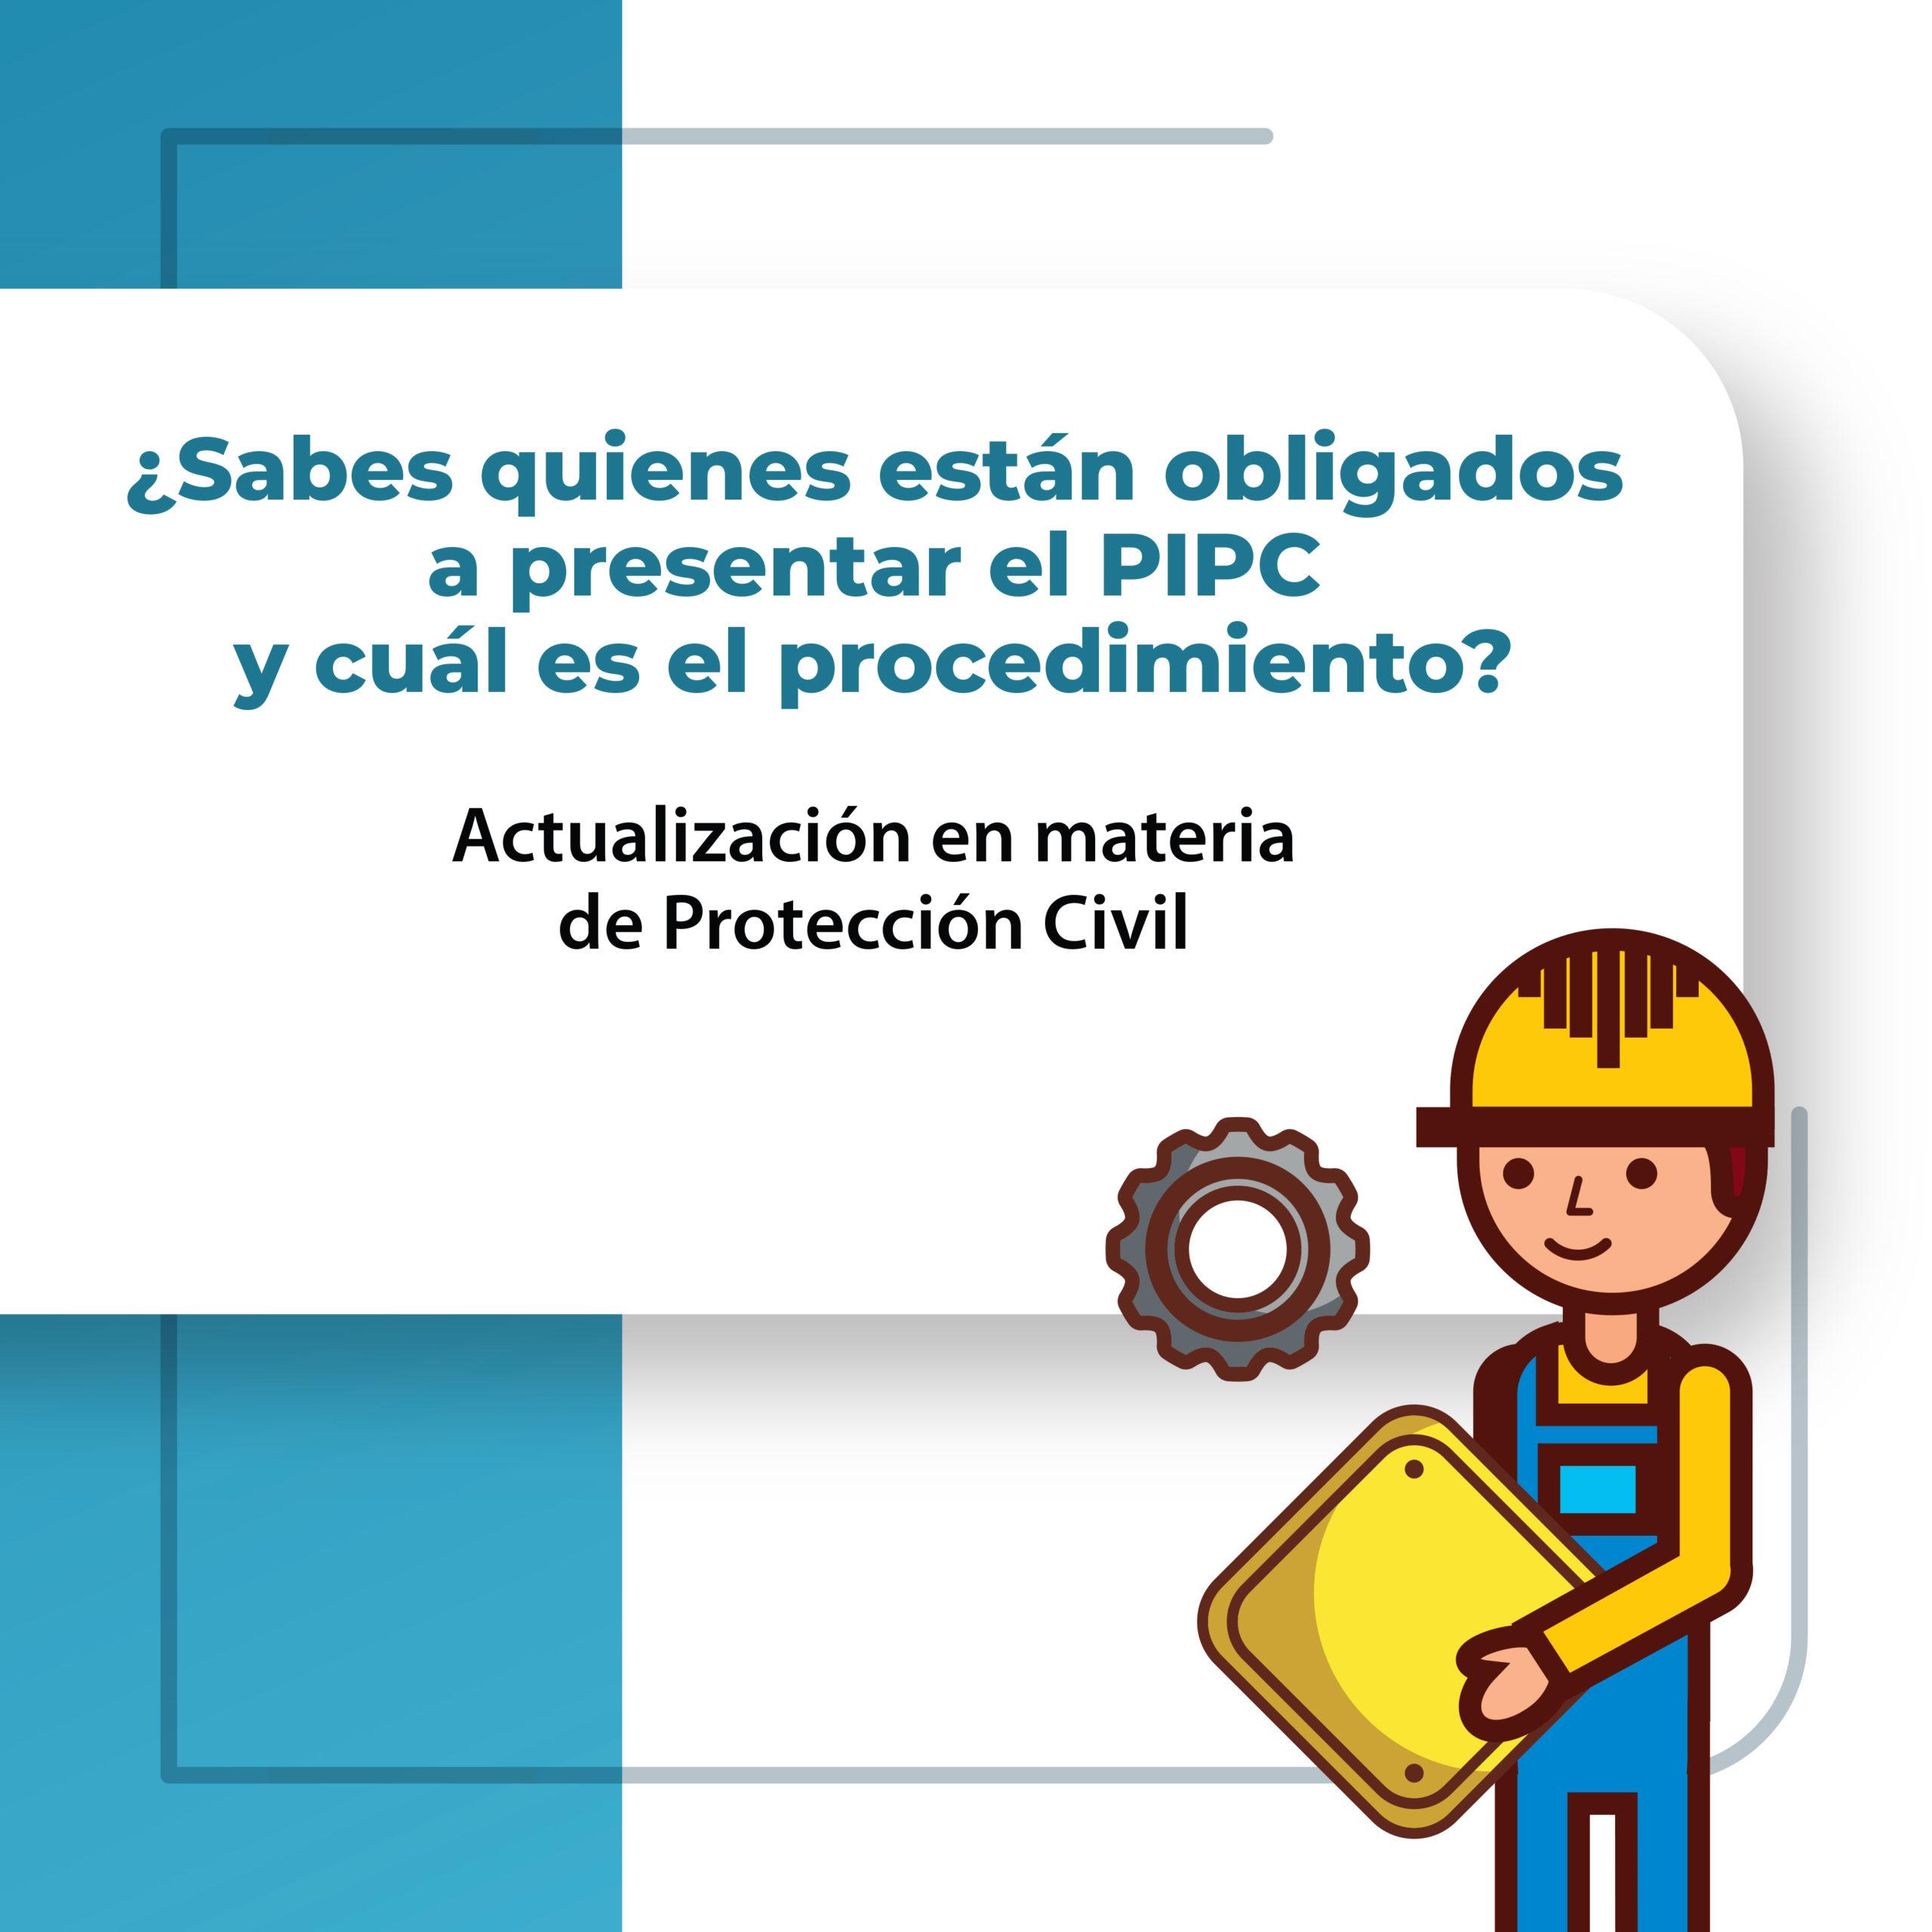 Actualización en materia de Protección Civil